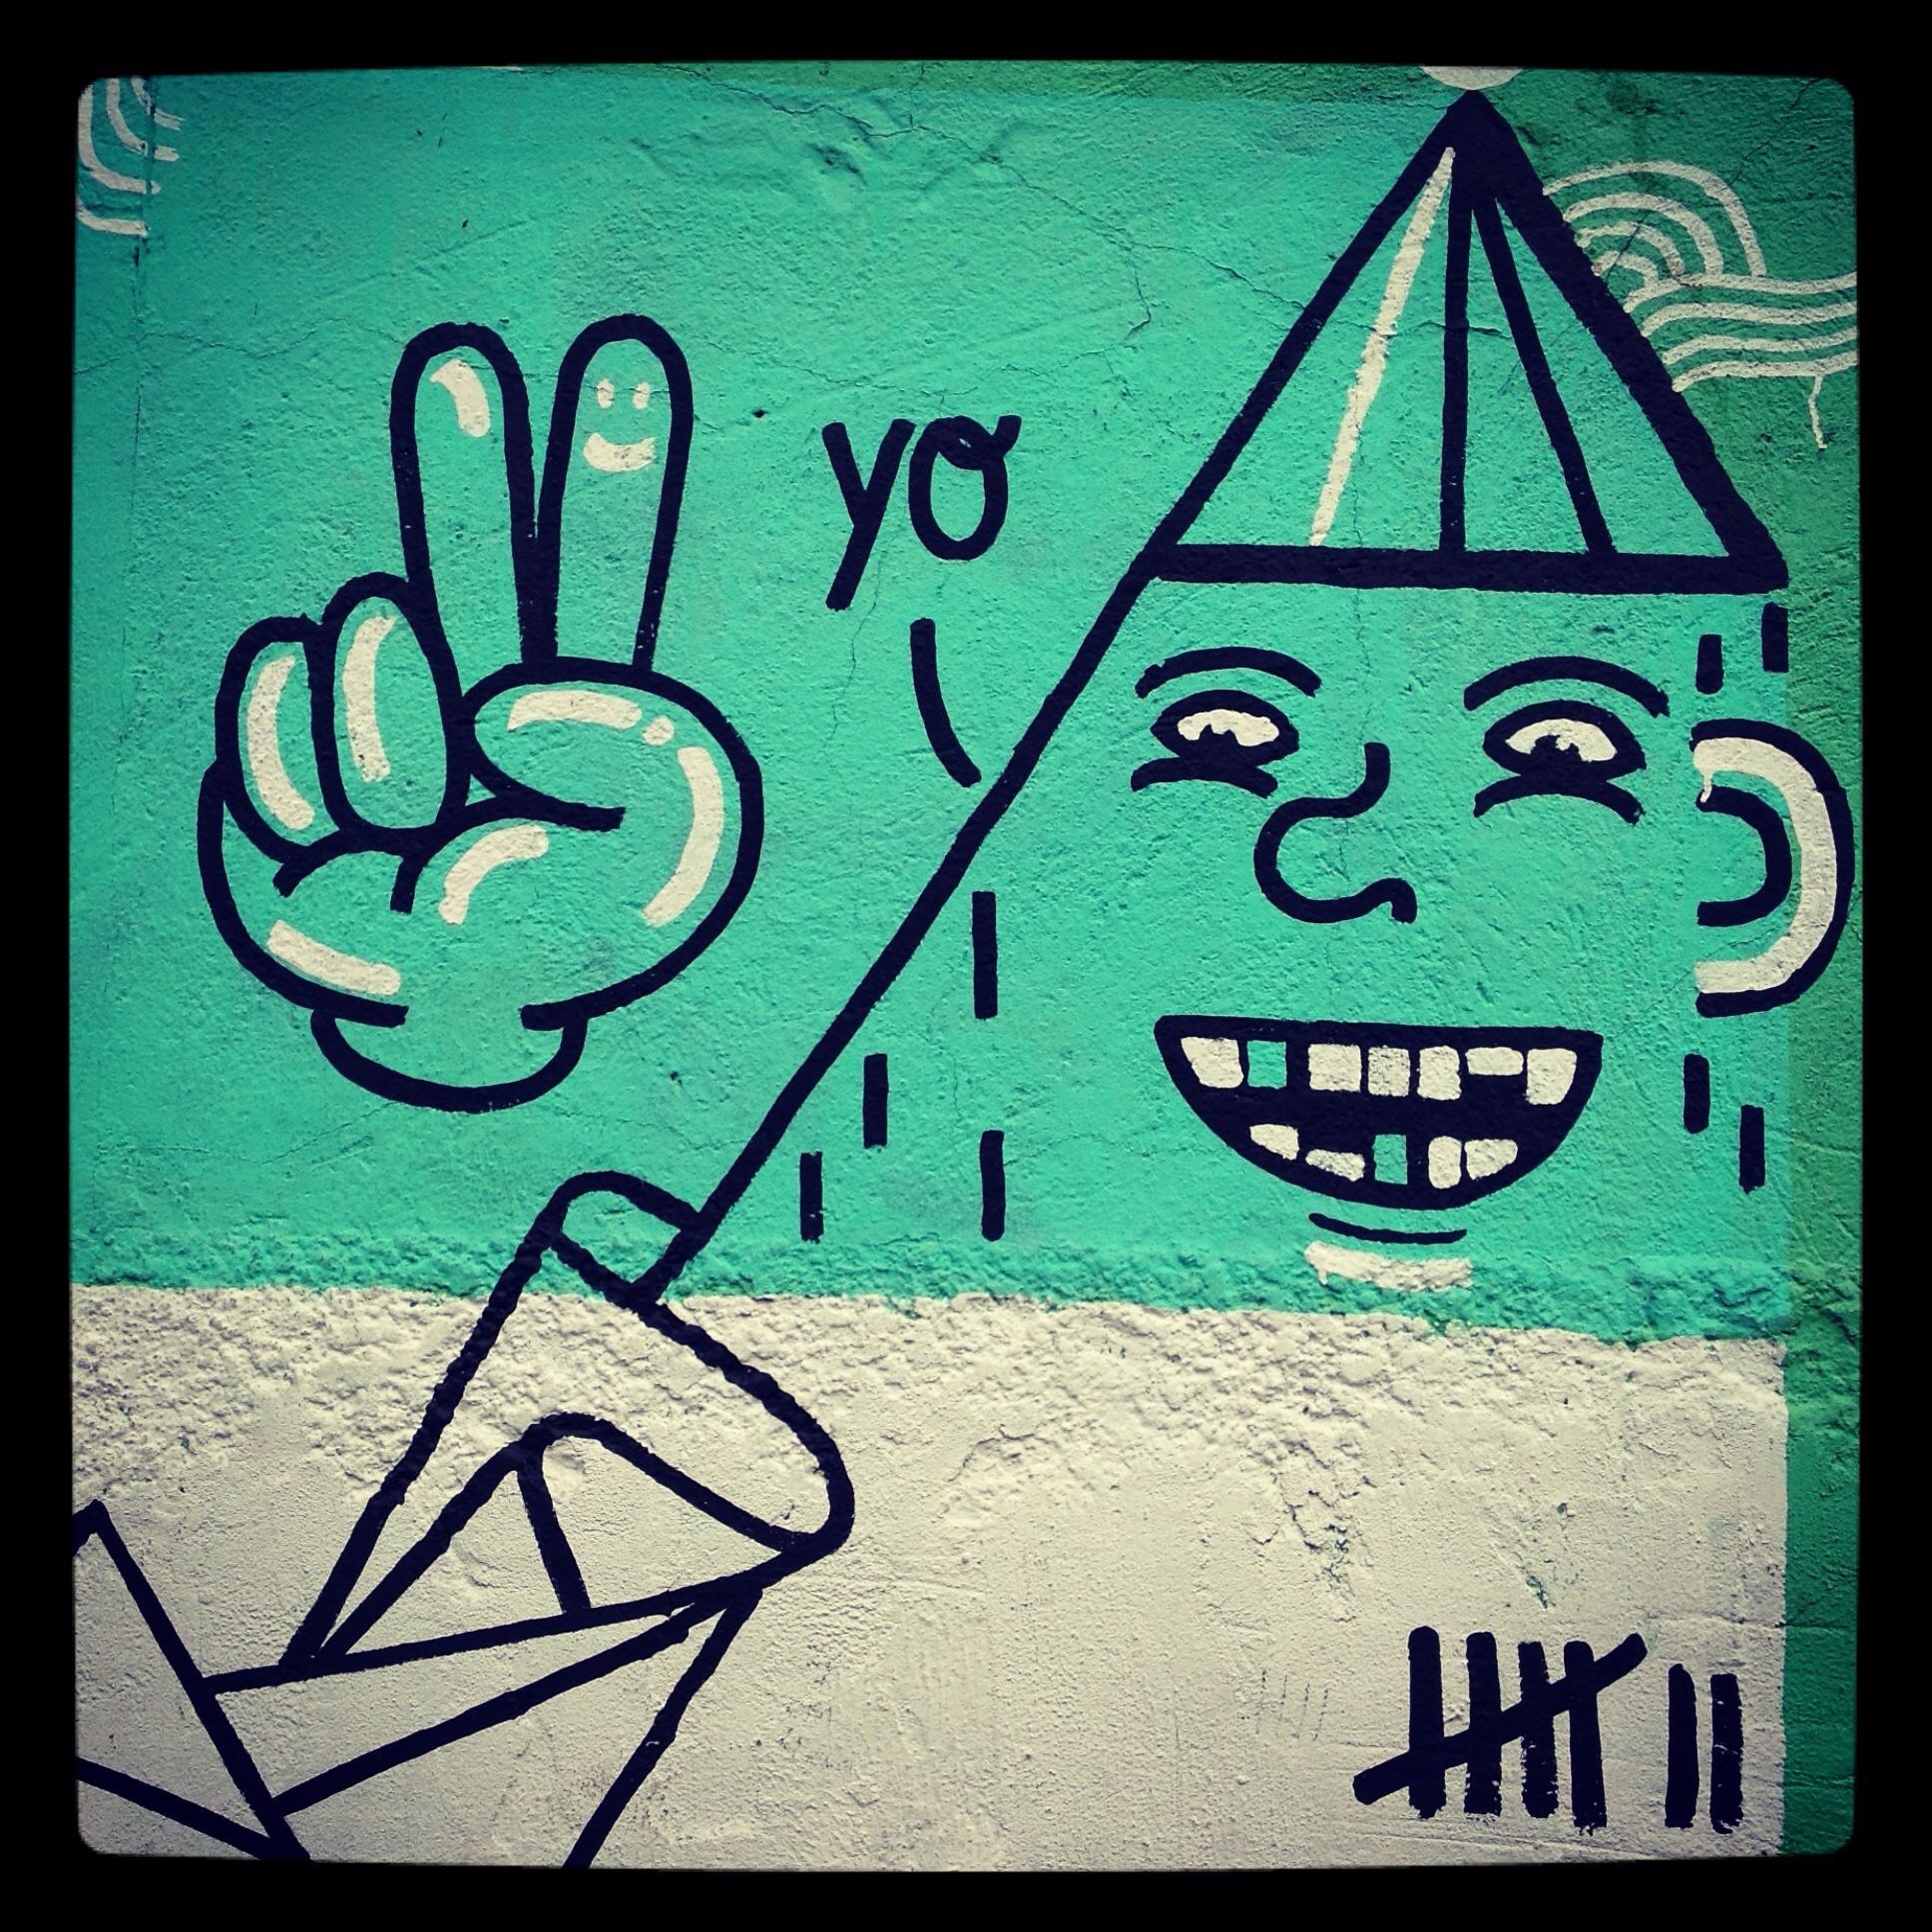 Nyc graffiti yo skate or die tokidoki nomad image image image image altavistaventures Image collections